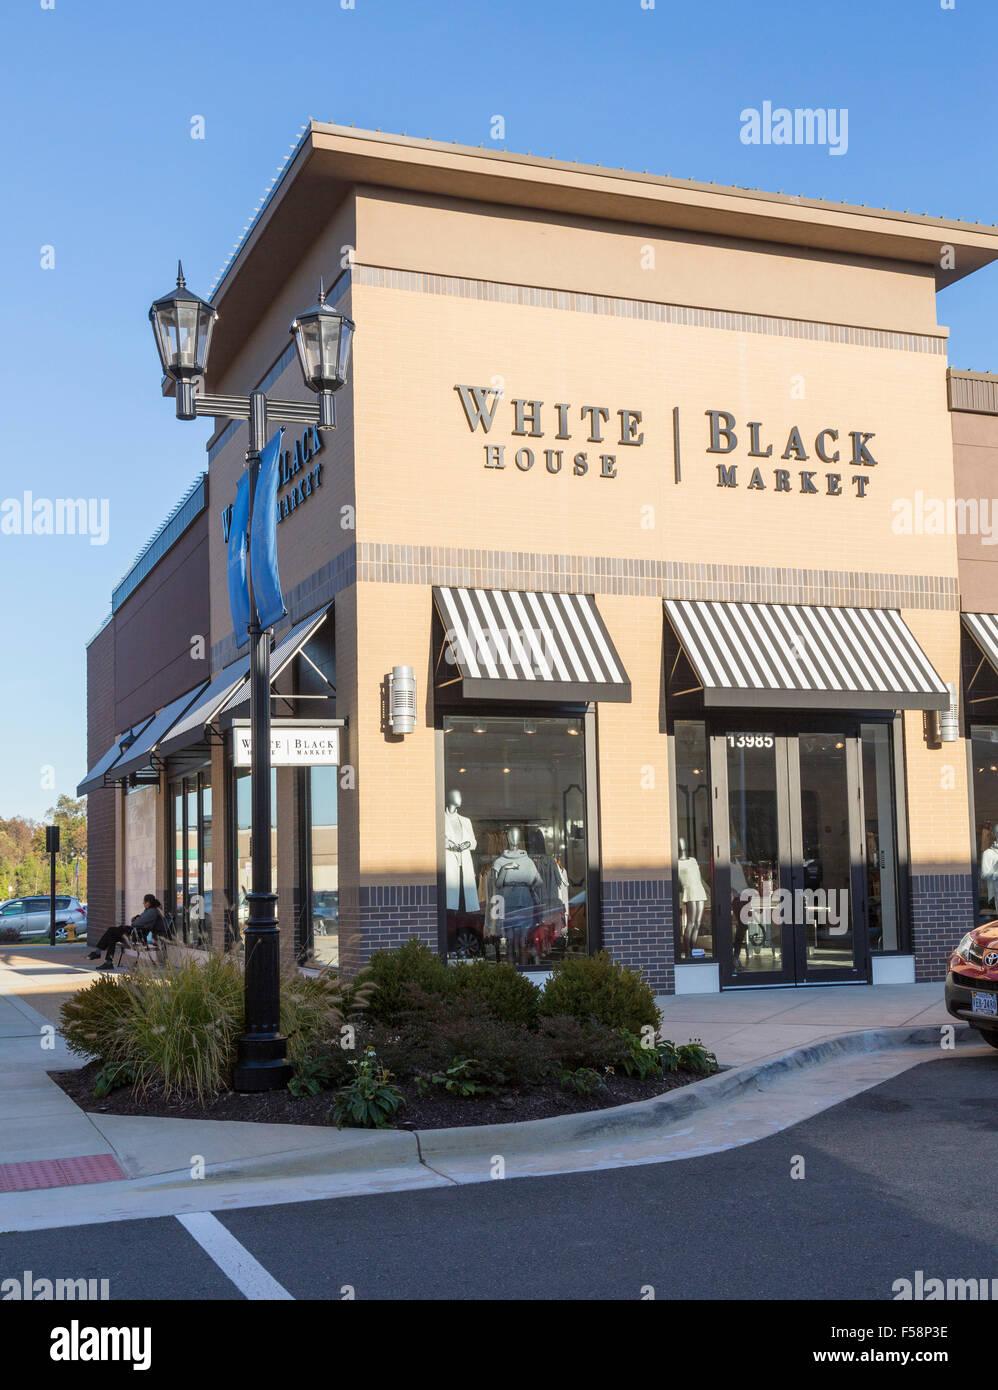 White house black market clothing store